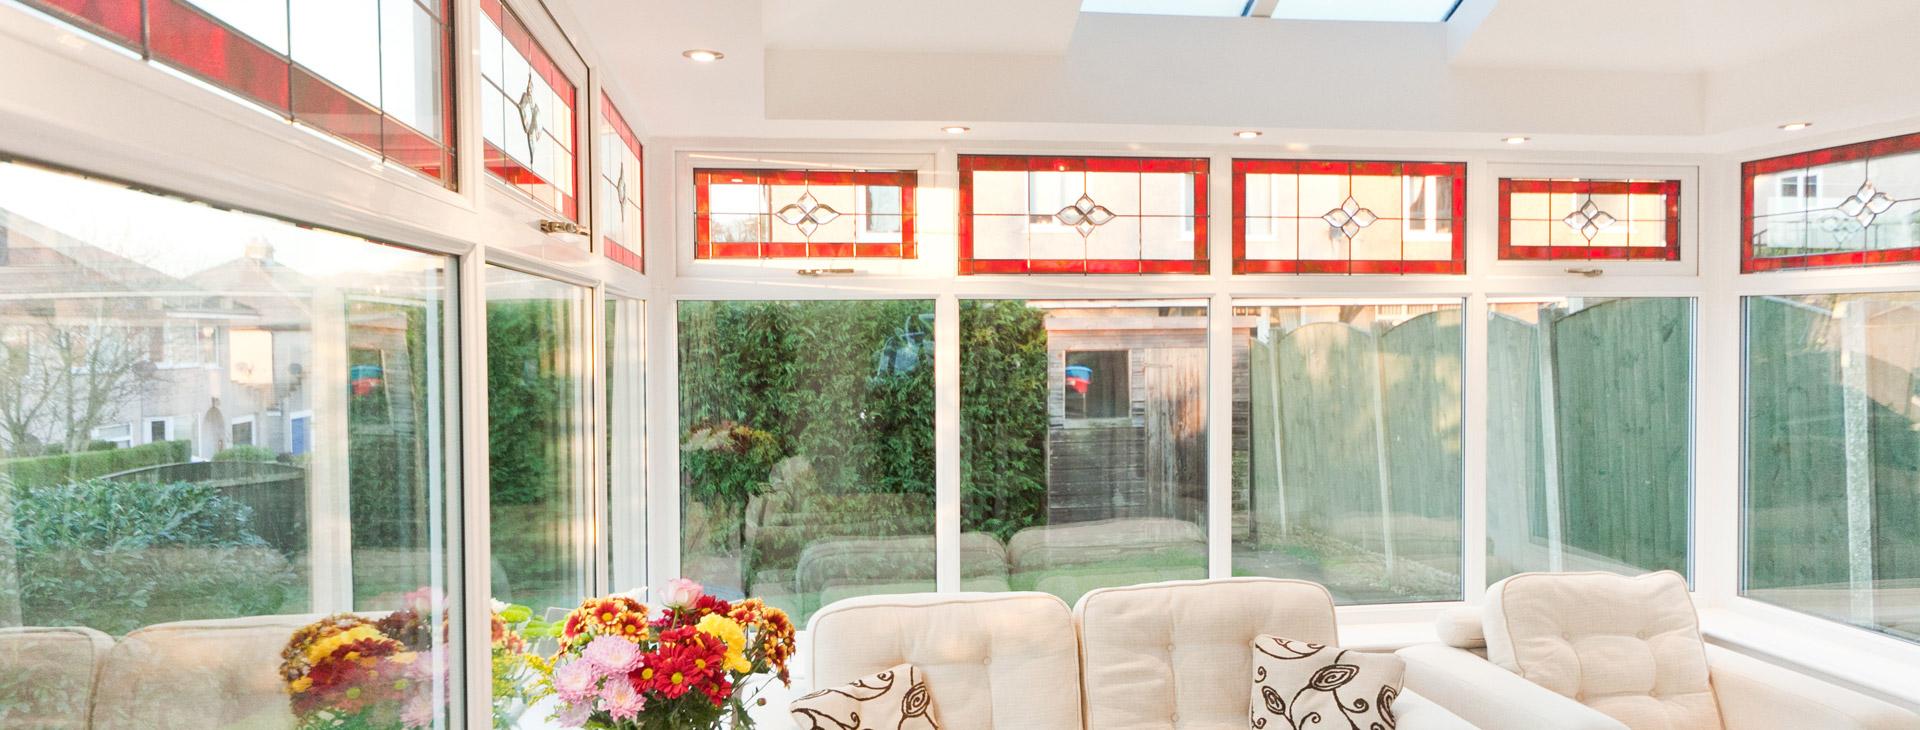 conservatories6-1920x730